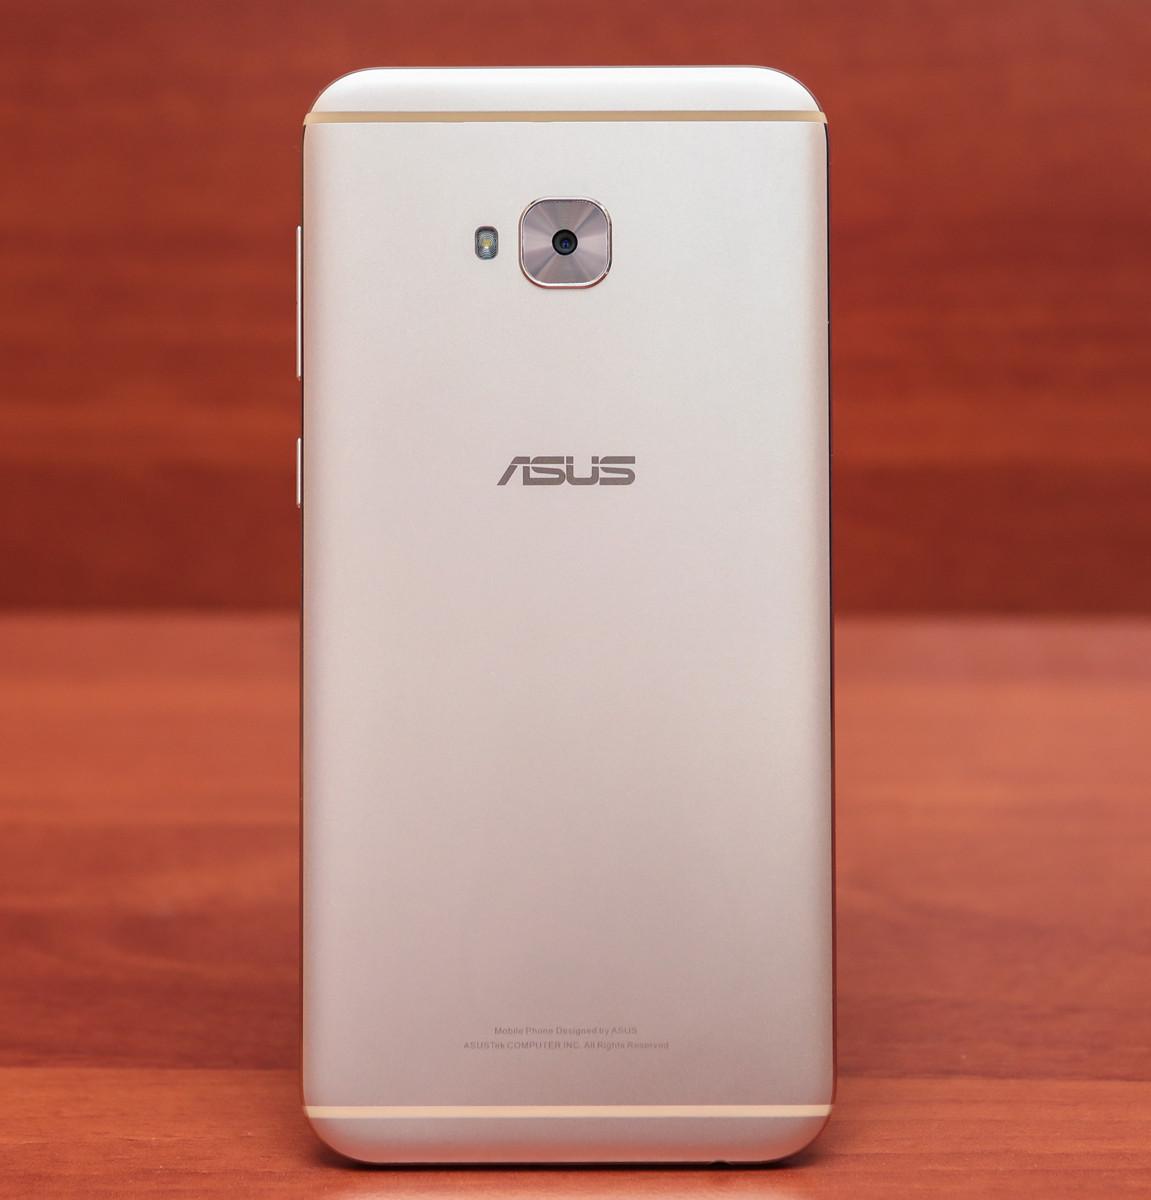 Обзор смартфона ASUS ZenFone 4 Selfie Pro - 8